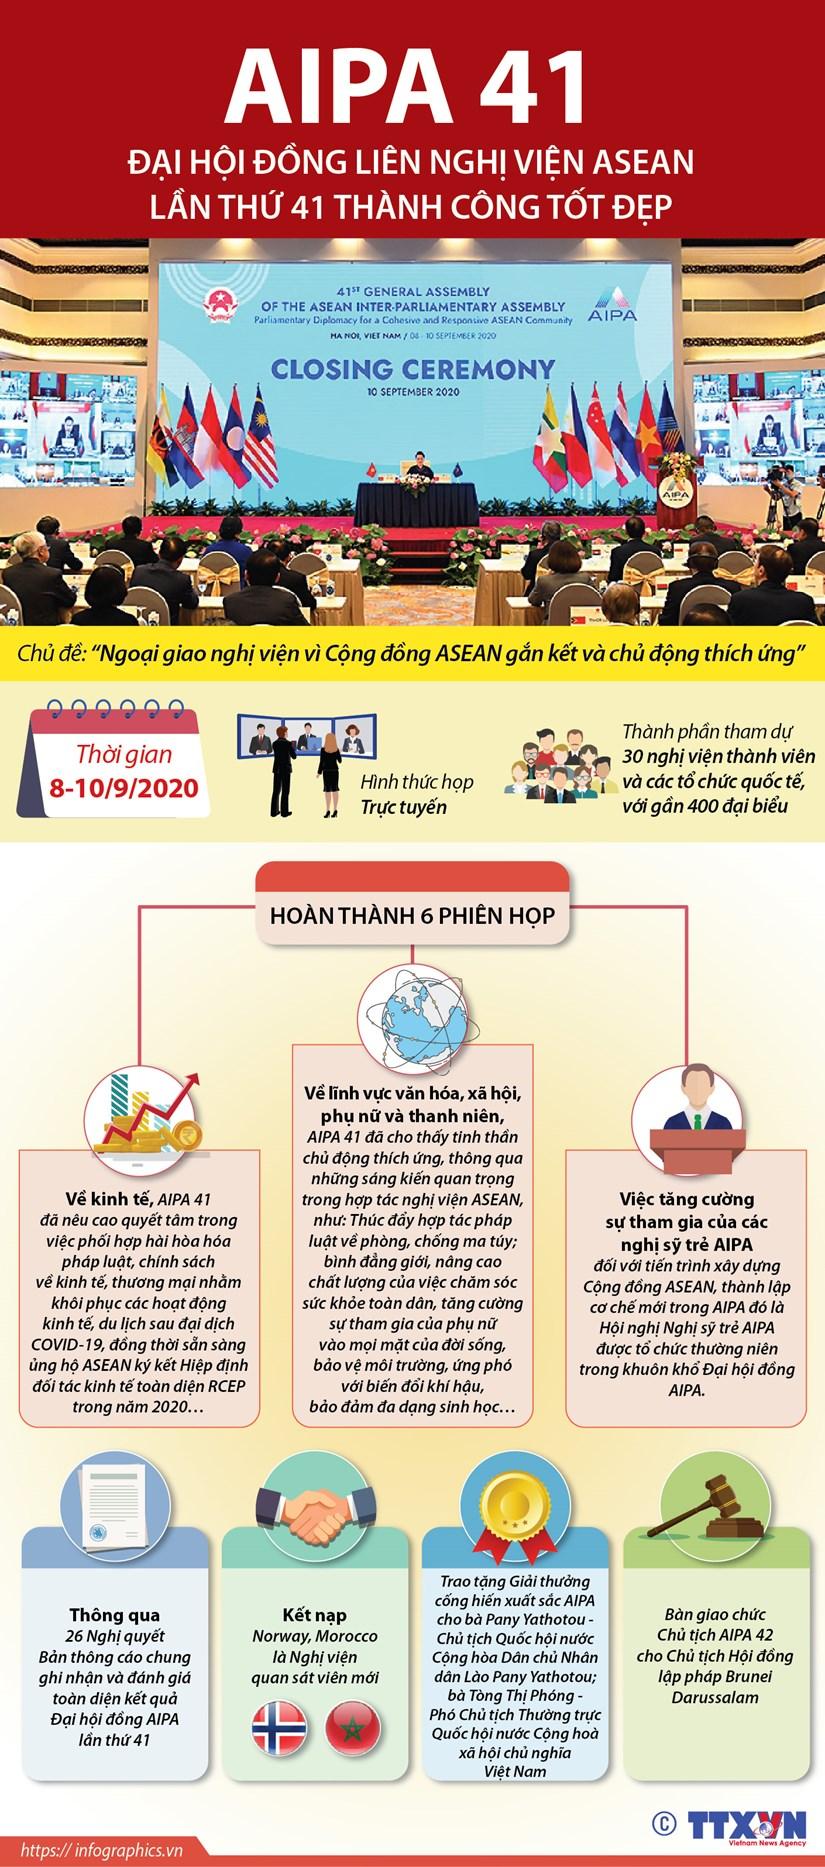 [Infographics] Dai hoi dong AIPA lan thu 41 thanh cong tot dep hinh anh 1